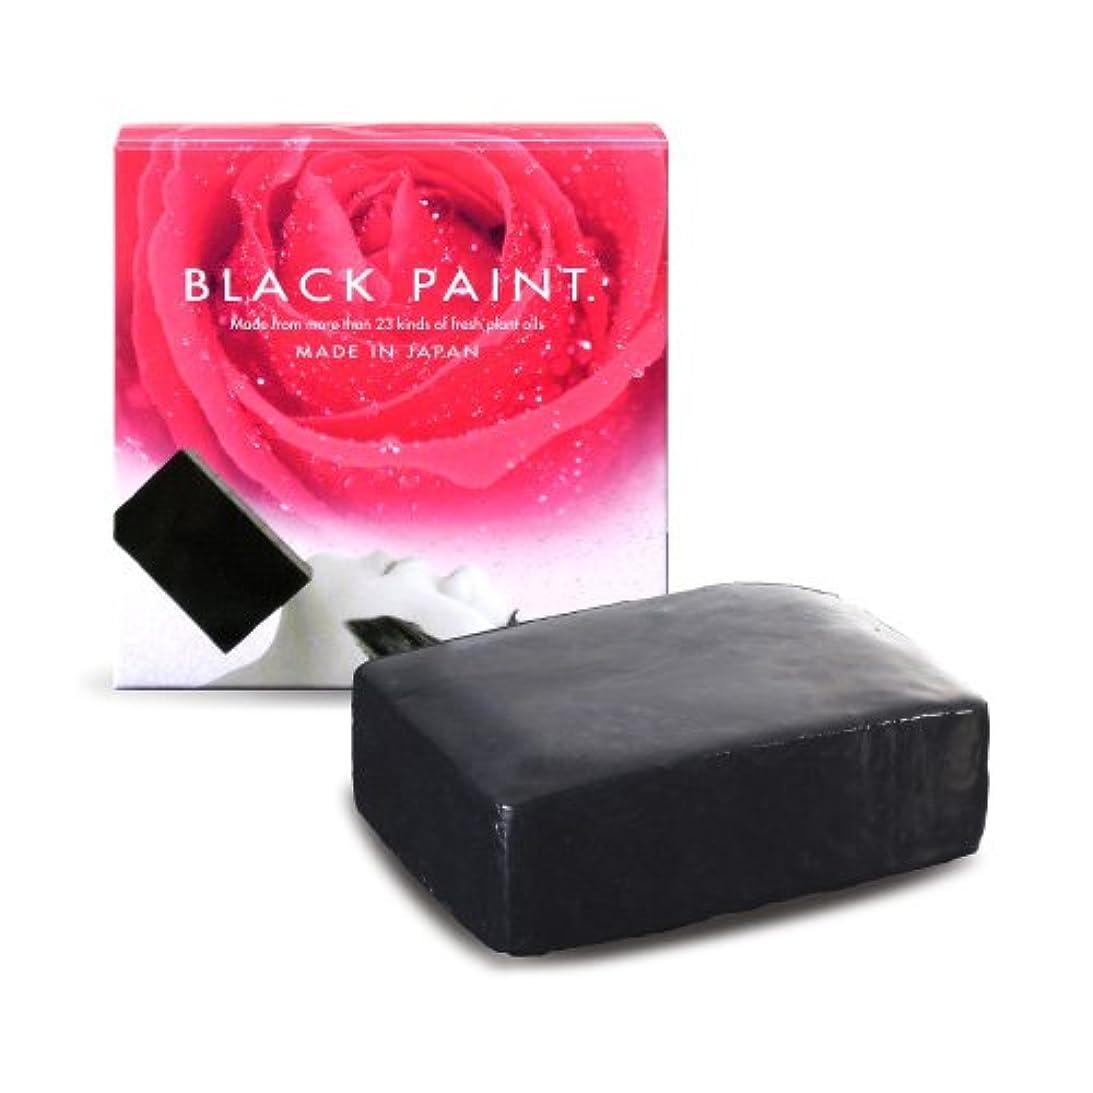 儀式ストレージ飼料ブラックペイント 60g ハーフサイズ 塗る洗顔 石鹸 無添加 国産